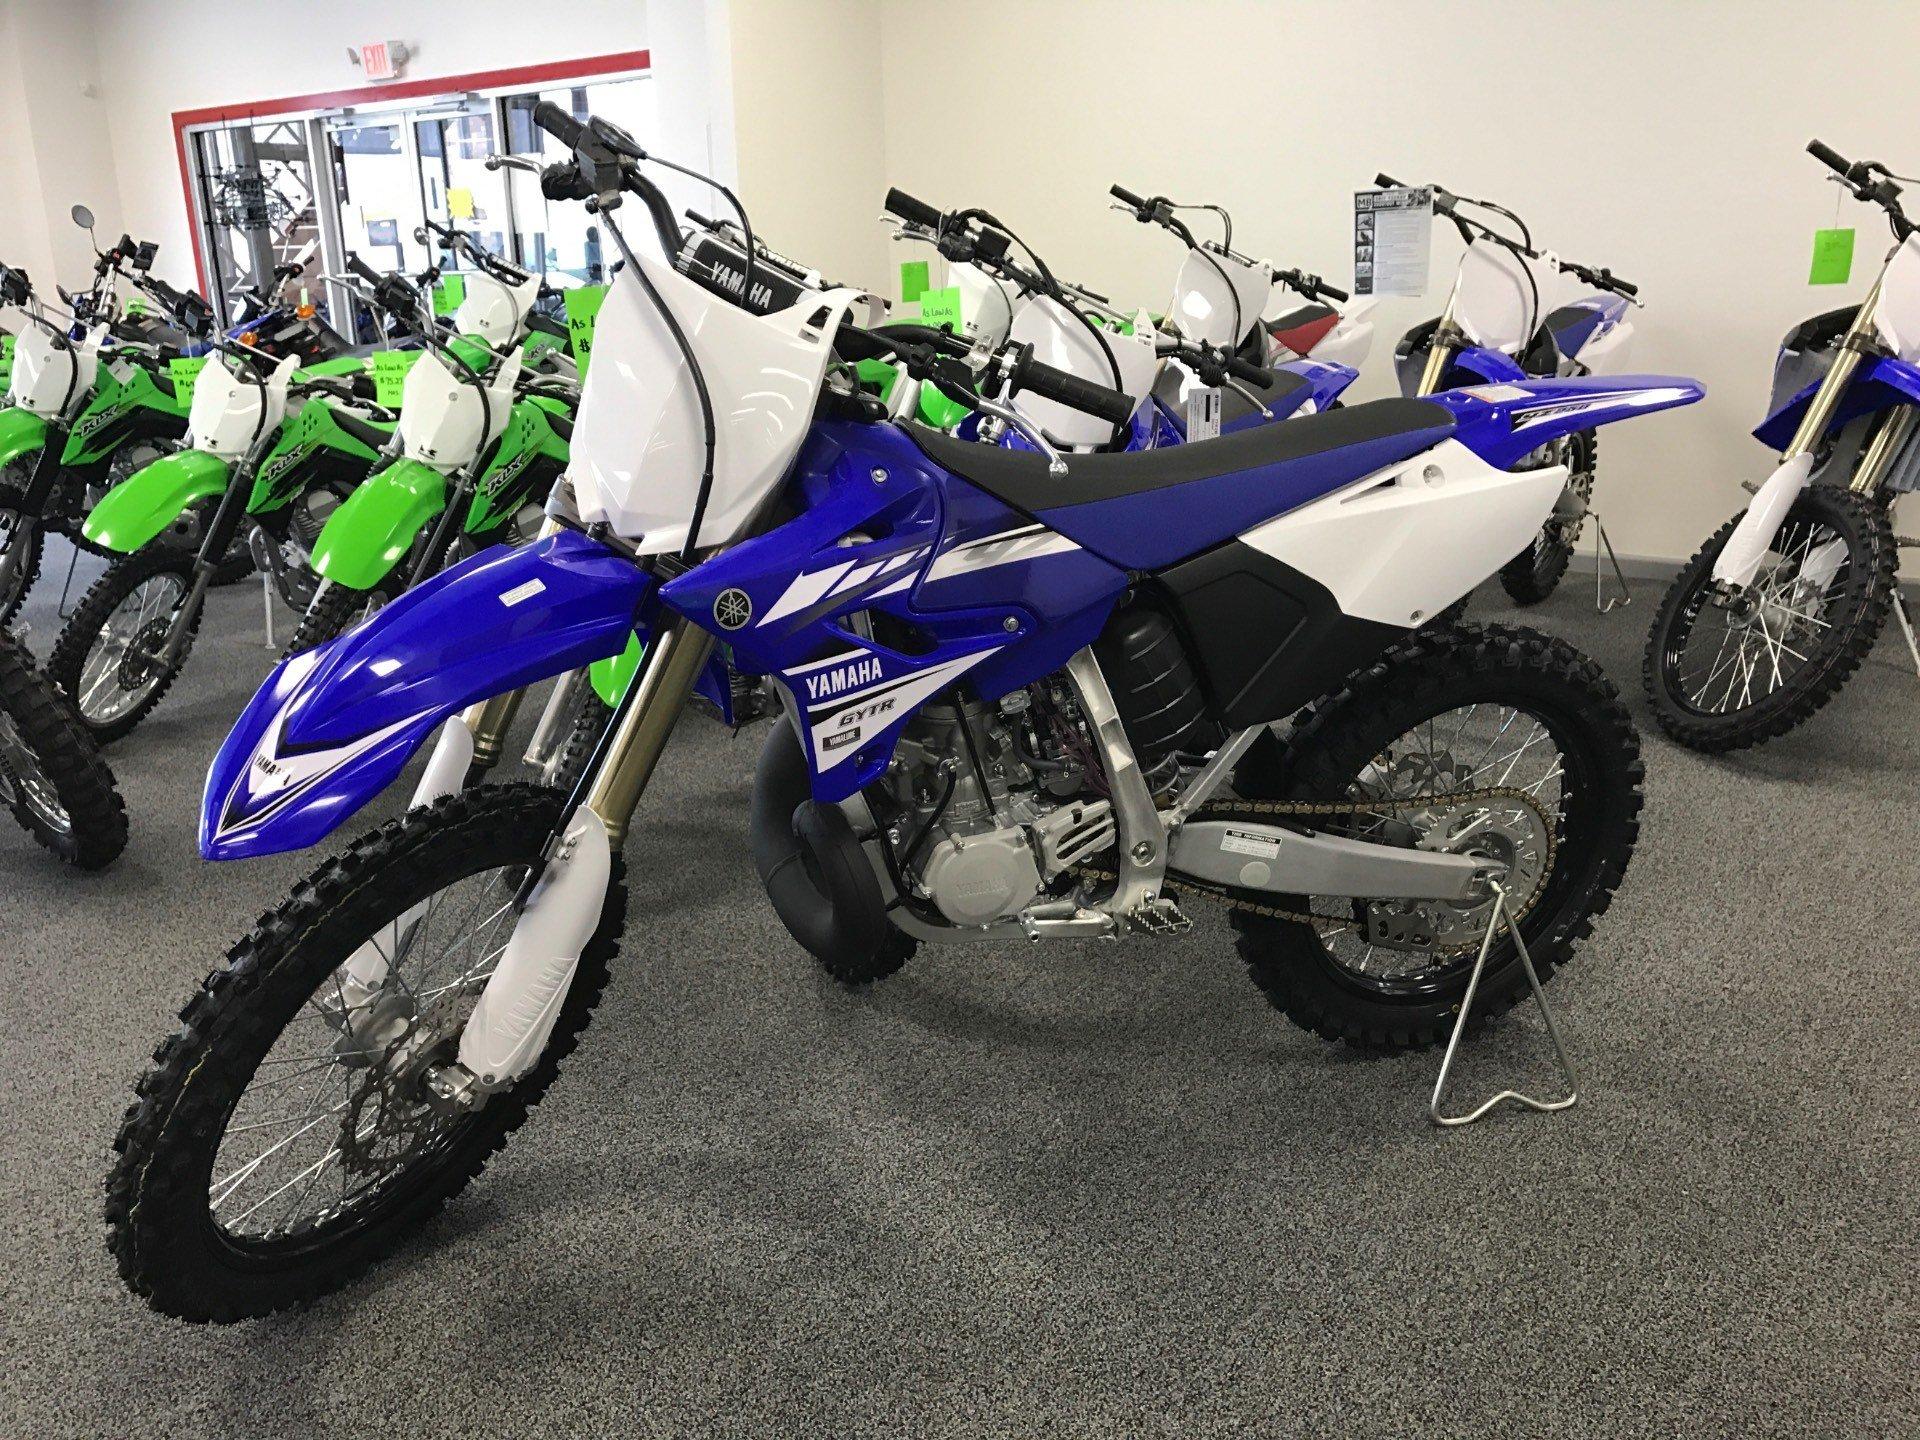 2017 Yamaha YZ250 1